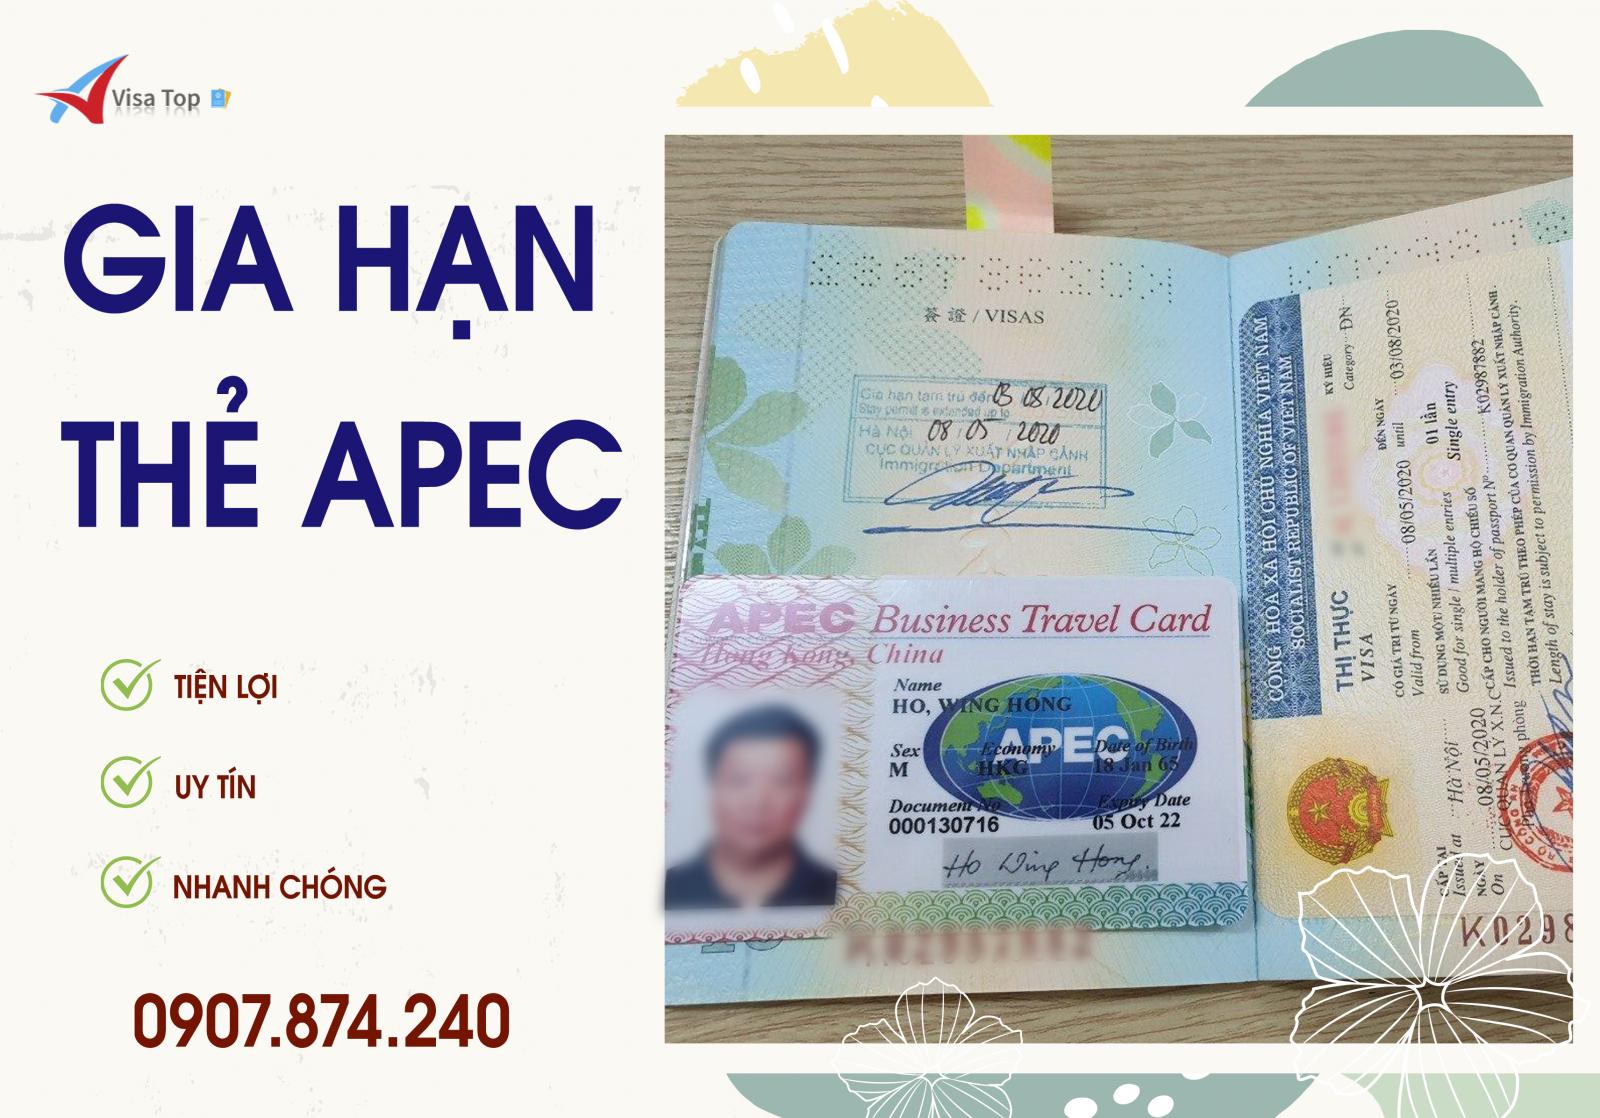 Dịch vụ gia hạn thẻ Apec